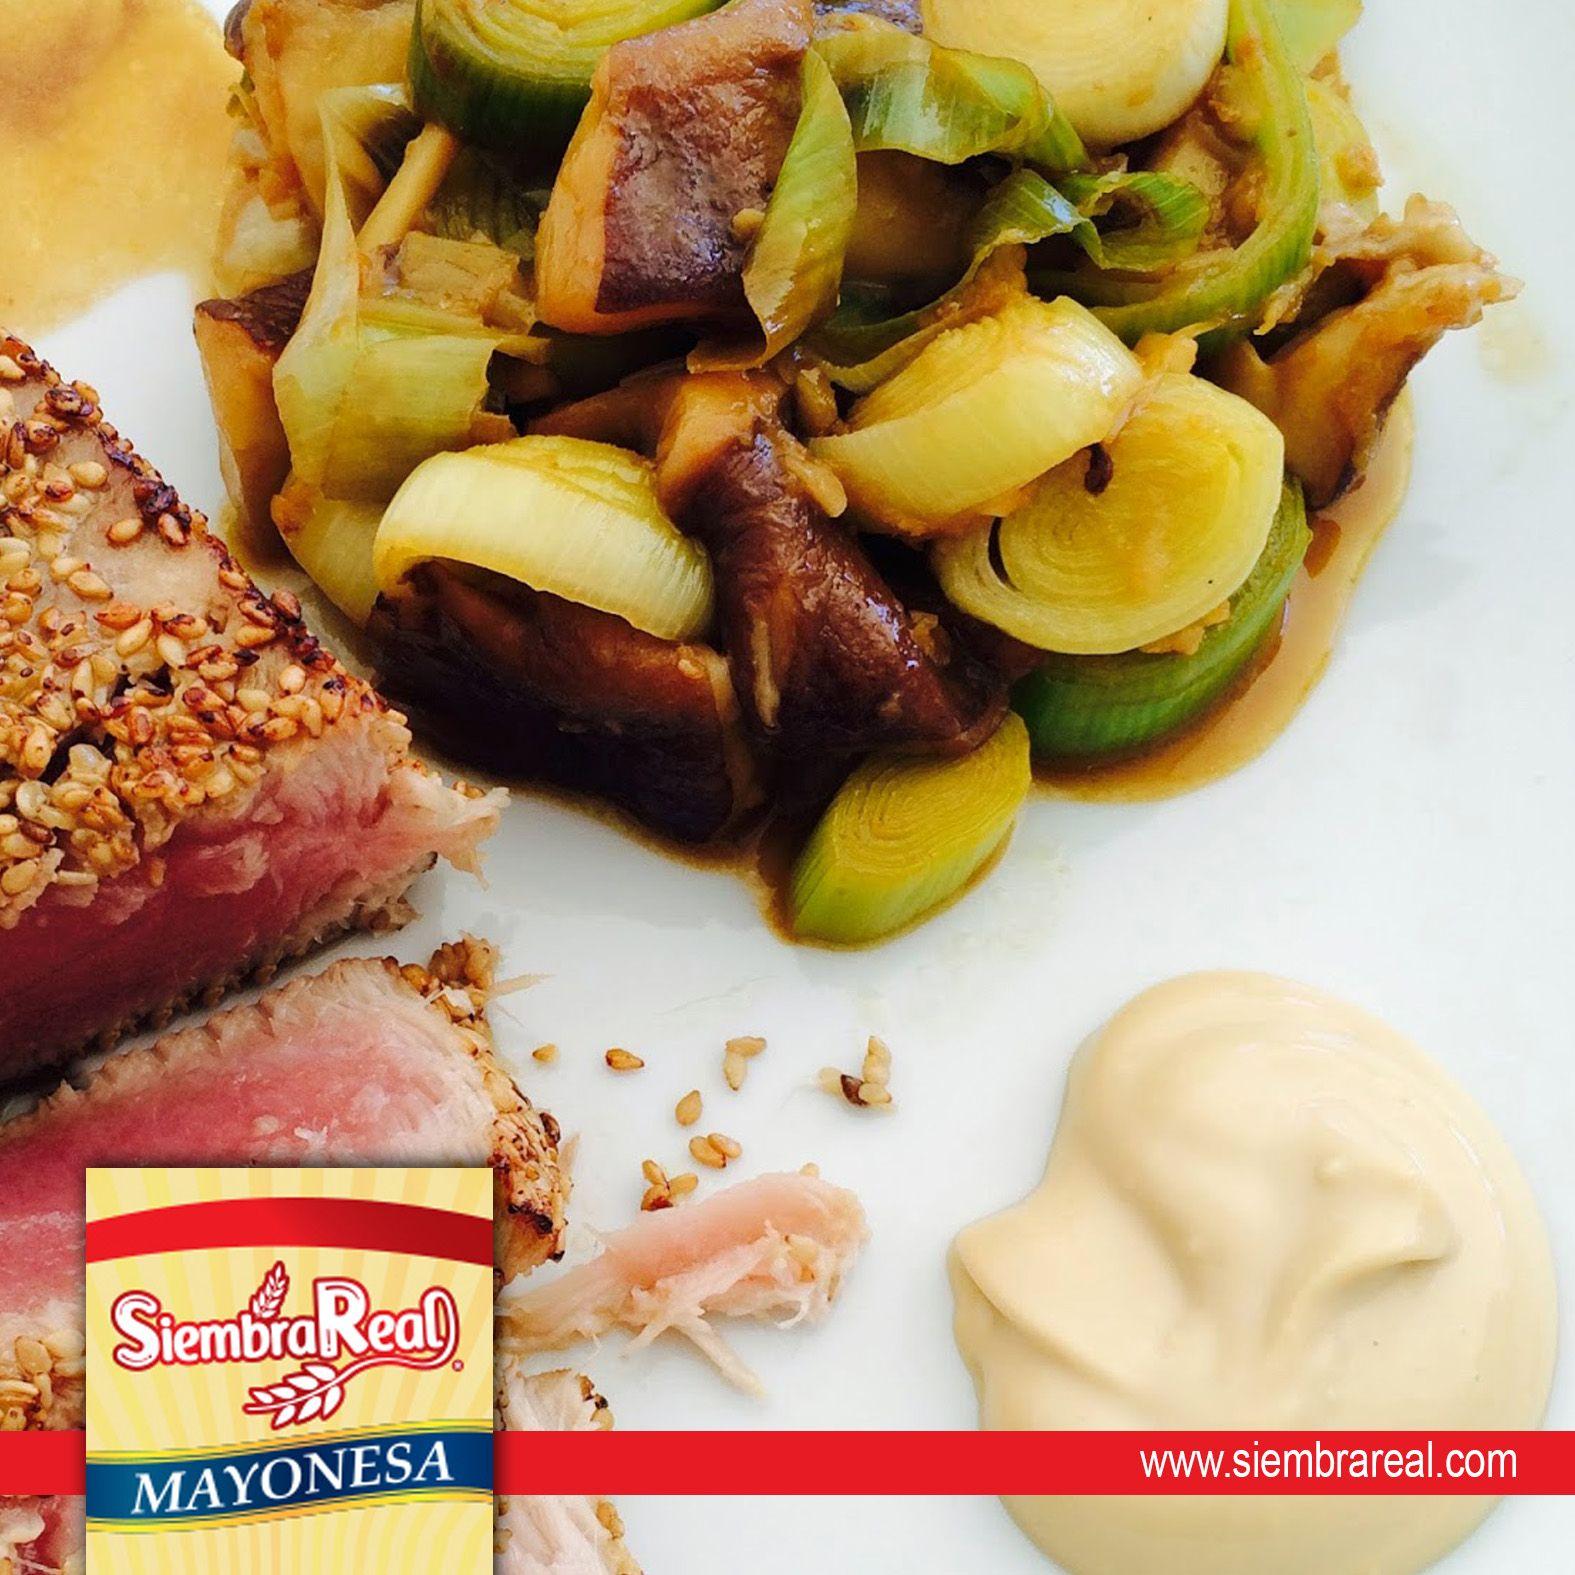 Disfruta el delicioso sabor de Mayonesa Siembra Real, acompaña todas nuestras comidas con su sabor y cremosidad. Que no falte en tu mesa Mayonesa #SiembraReal